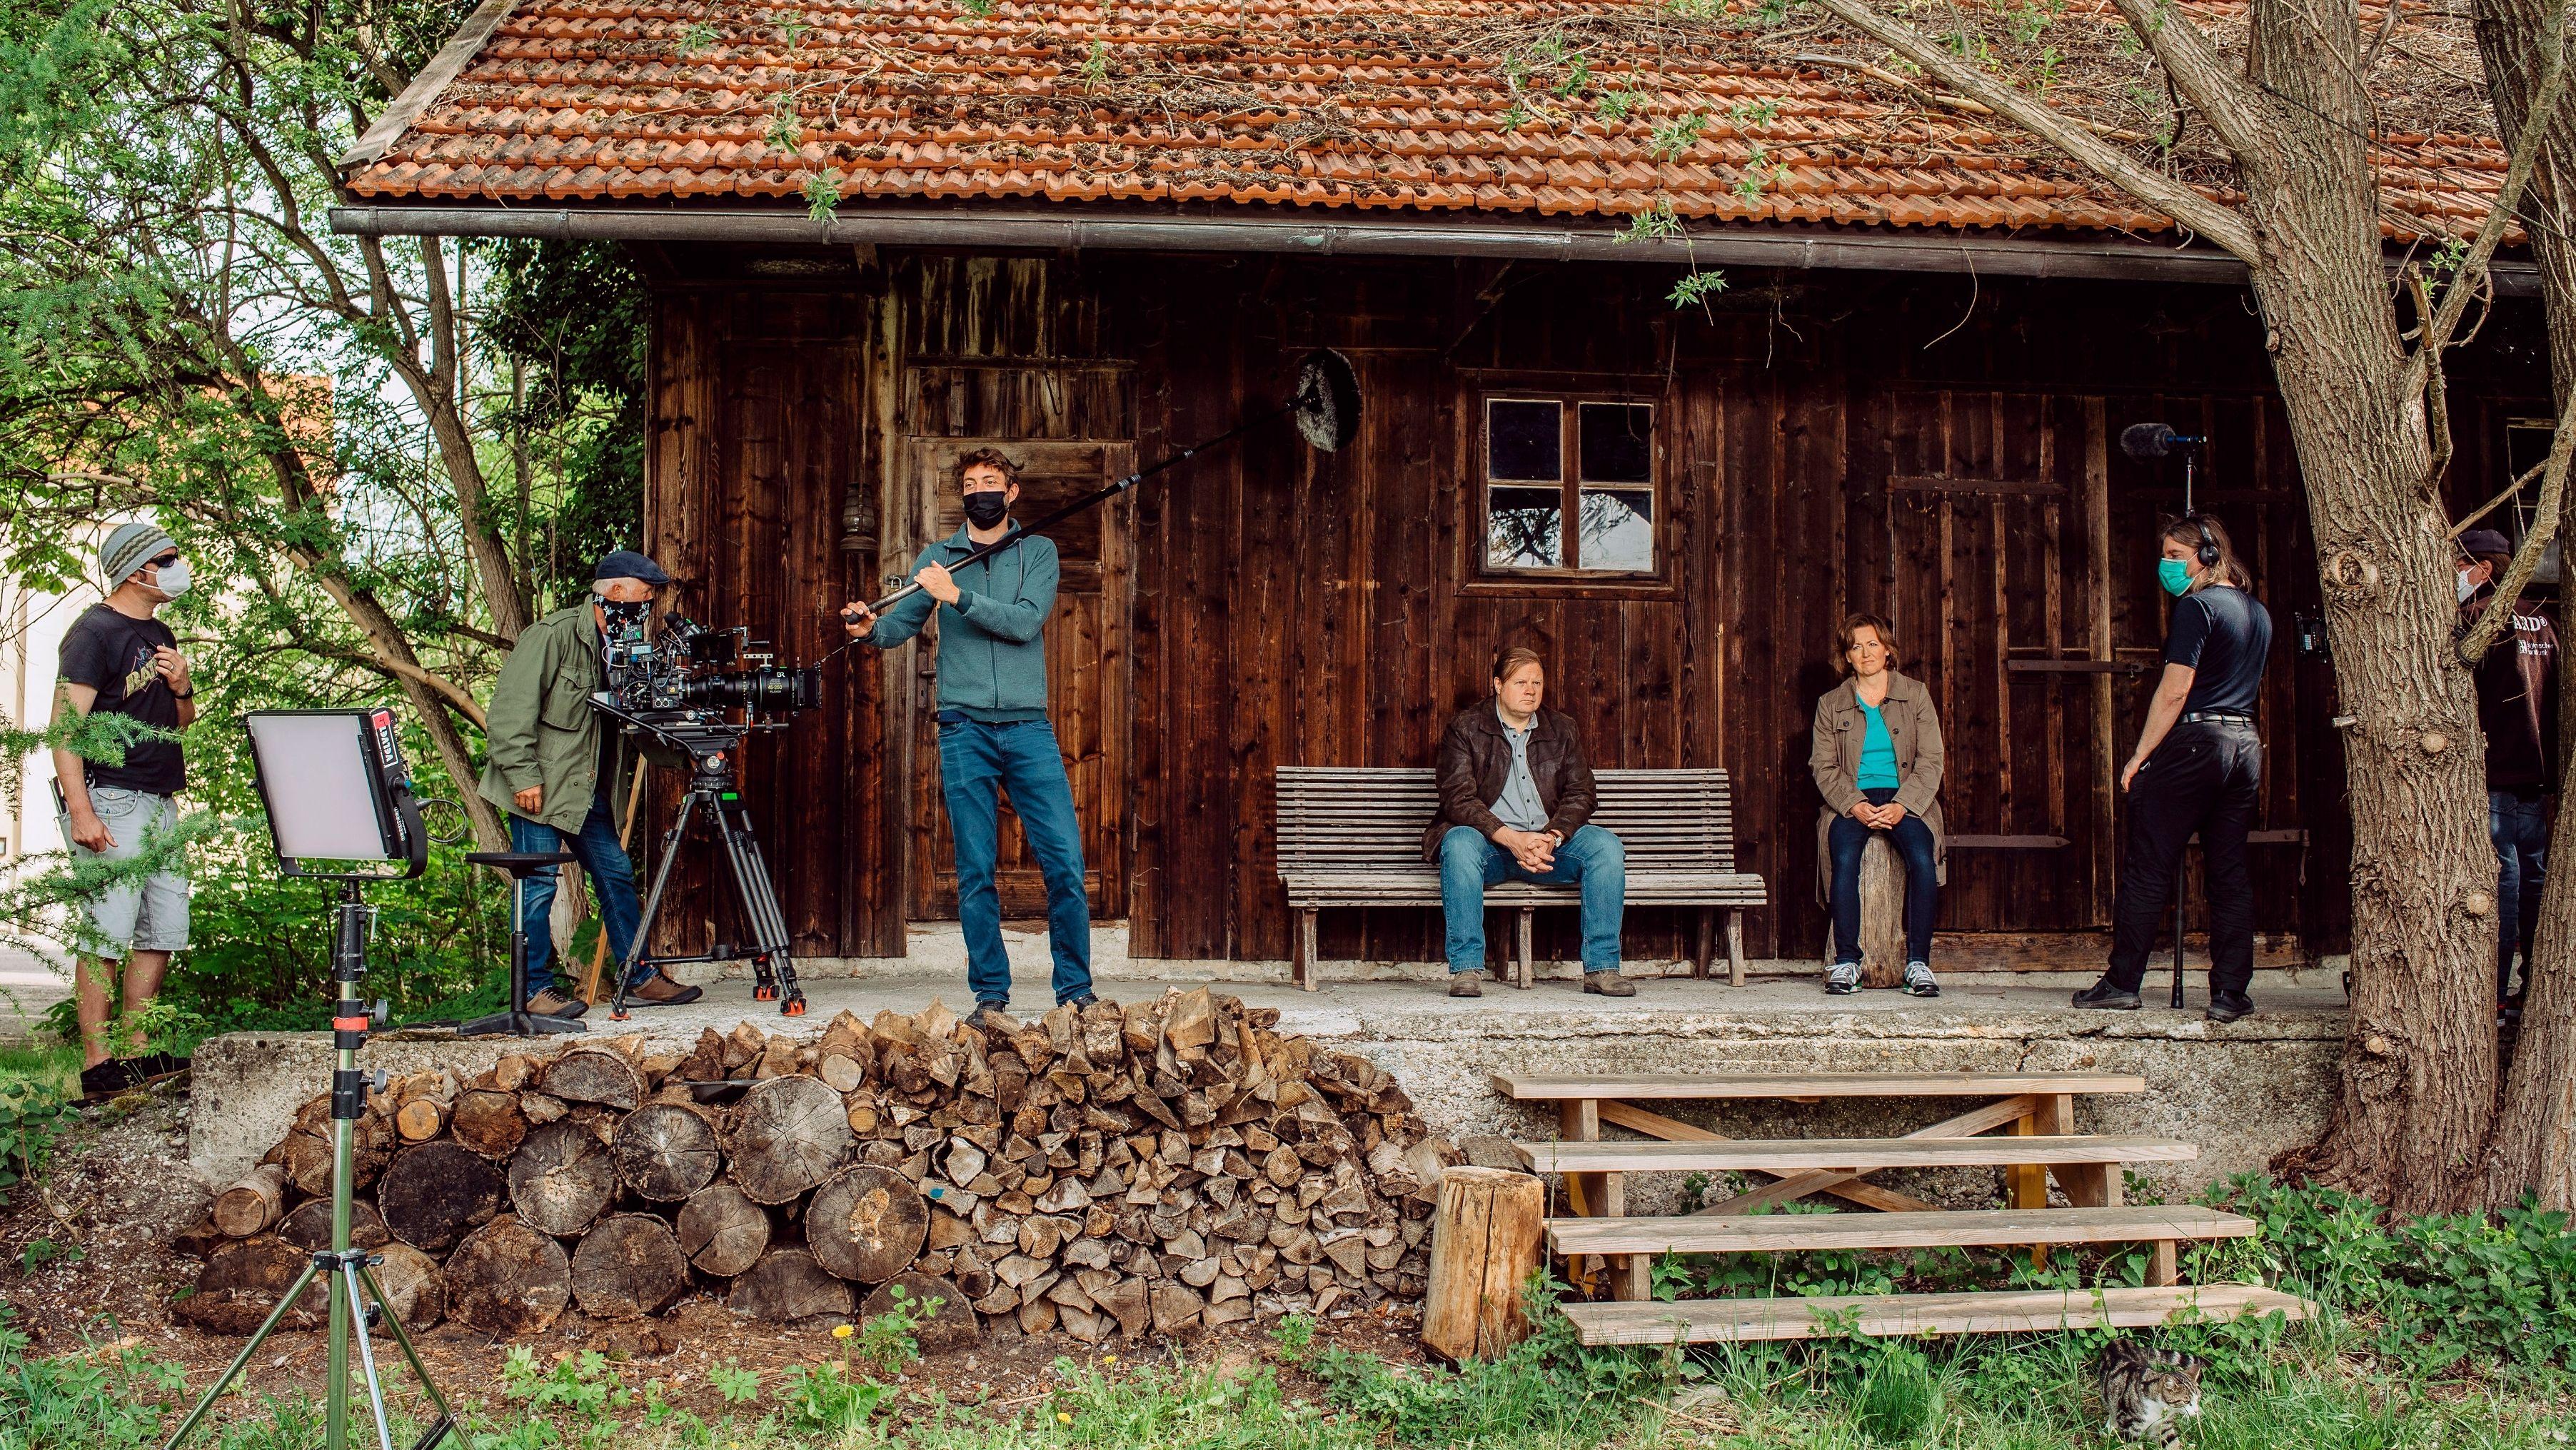 Szene vor einem Holzschuppen mit den Darstellern Michael A. Grimm und Senta Auth, die auf einer Bank und auf einem Hackstock sitzen